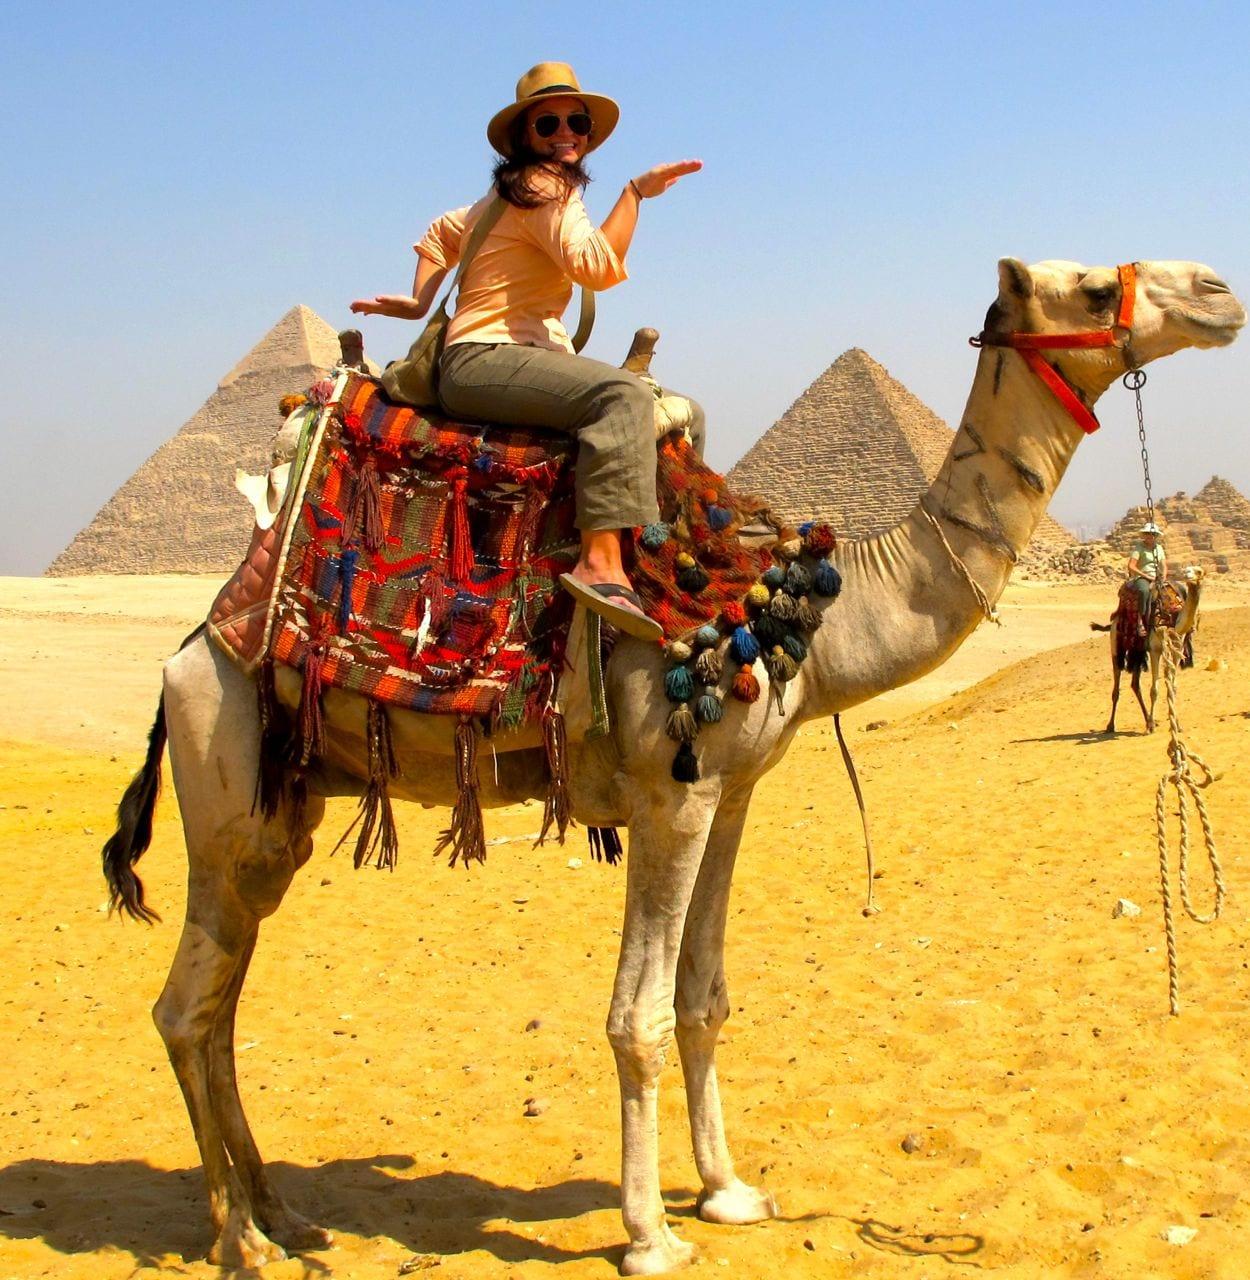 لاول مرة في مصر احجز رحلة الي الهرم لركوب الجمال و الخيول